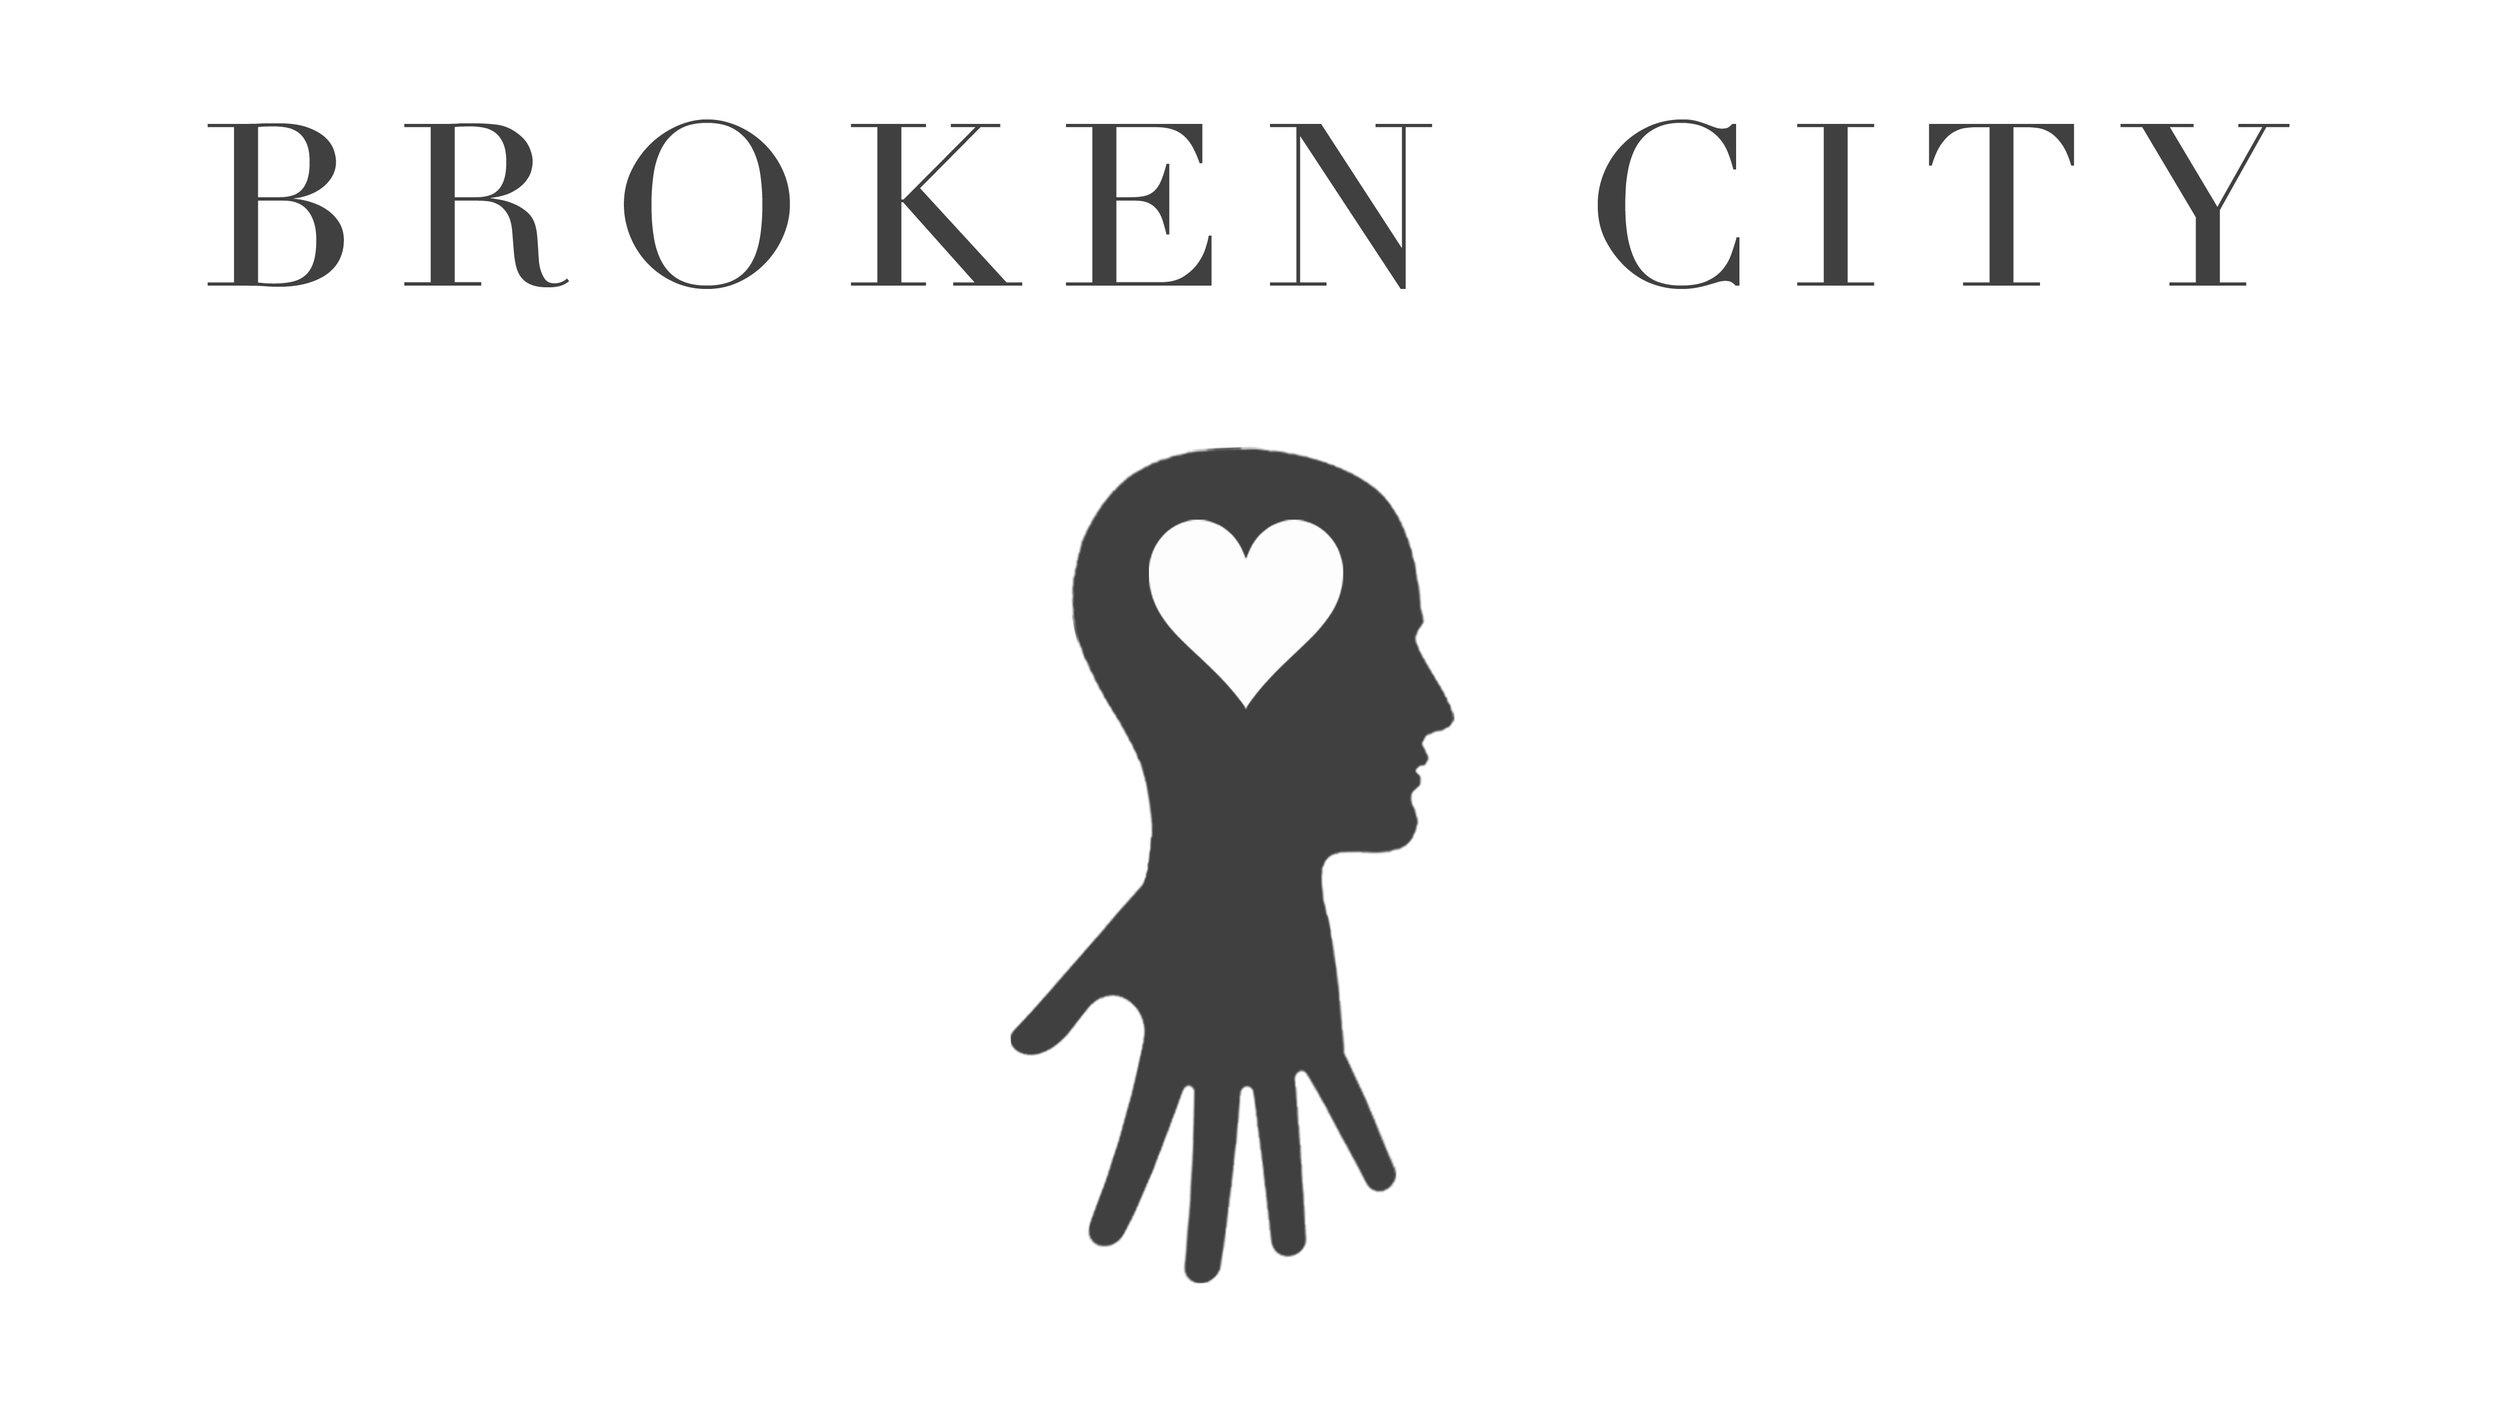 BROKEN CITY ARTISTS green Logo.jpg